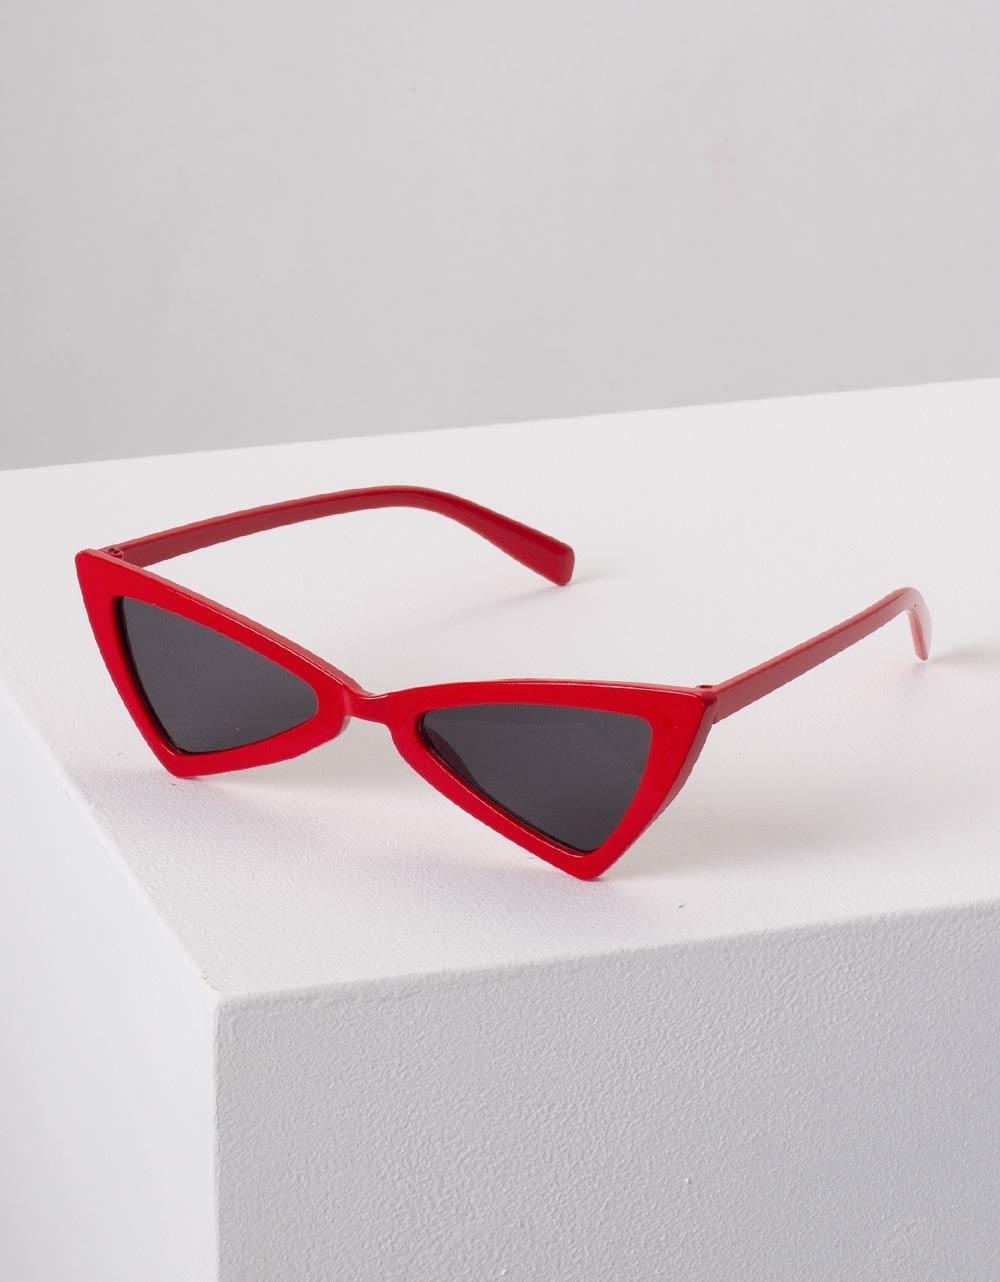 Εικόνα από Γυναικεία γυαλιά ηλίου cat eye Κόκκινο